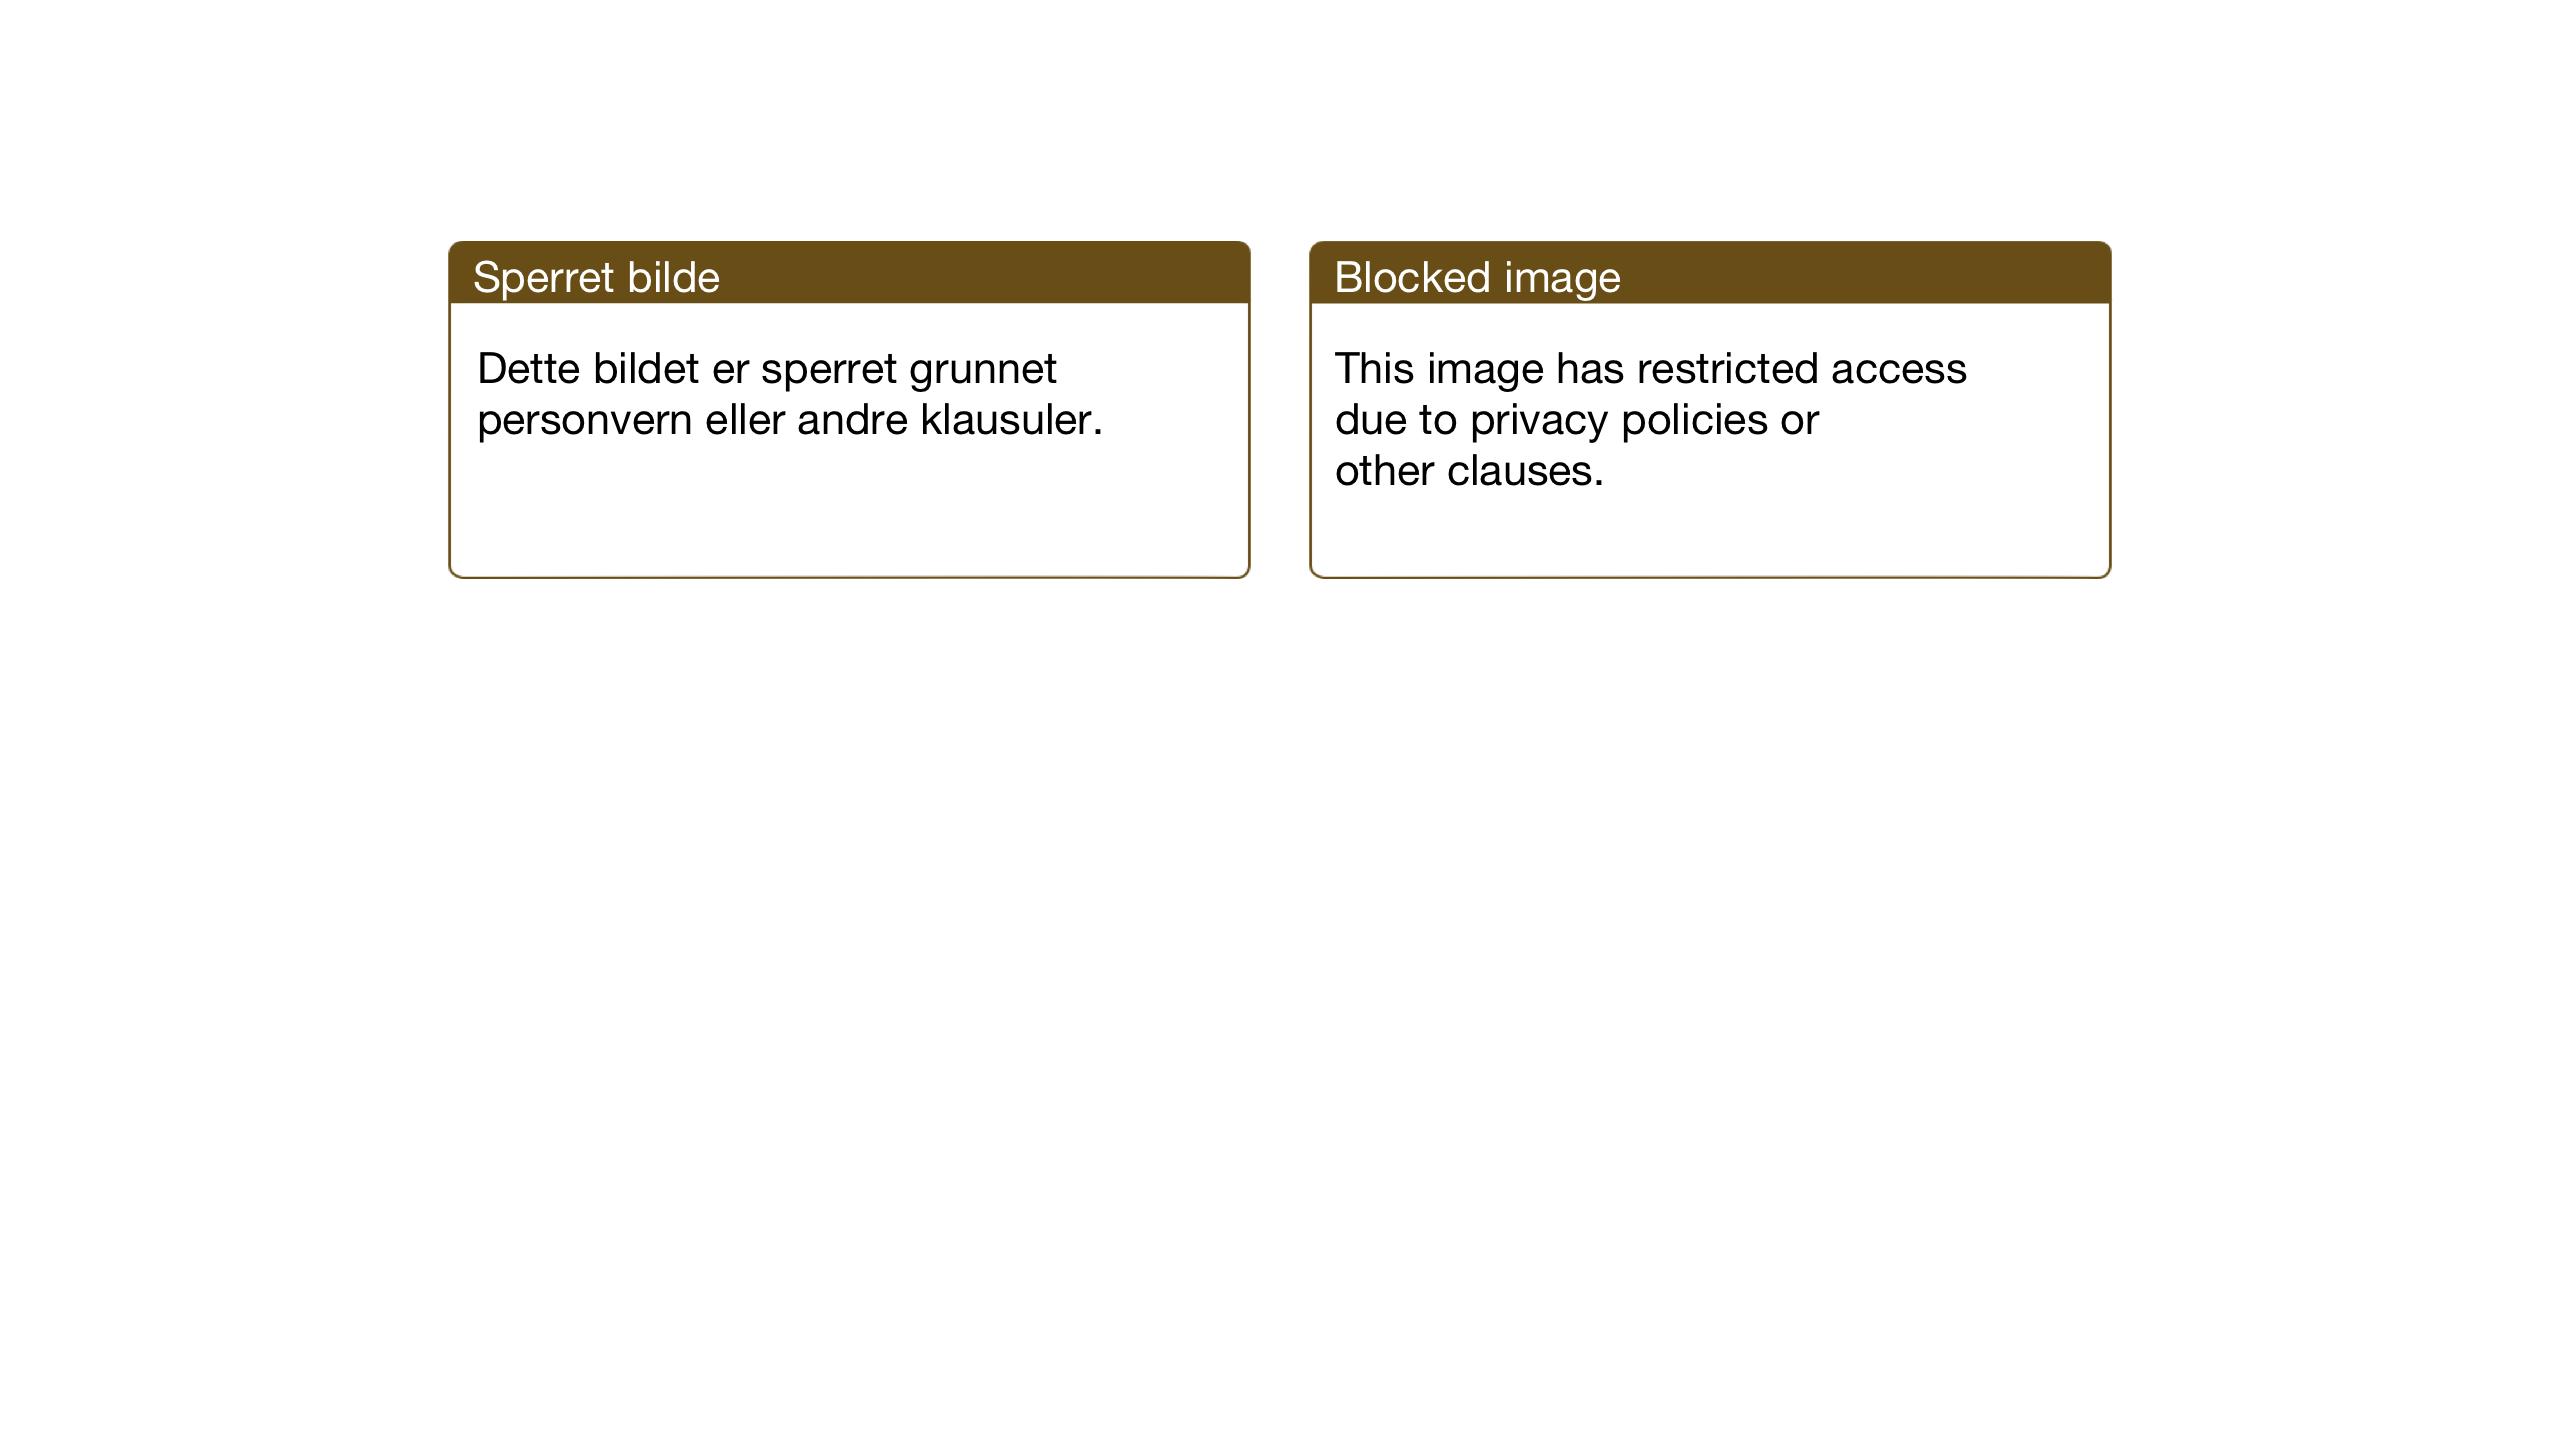 SAT, Ministerialprotokoller, klokkerbøker og fødselsregistre - Sør-Trøndelag, 658/L0727: Klokkerbok nr. 658C03, 1909-1935, s. 79